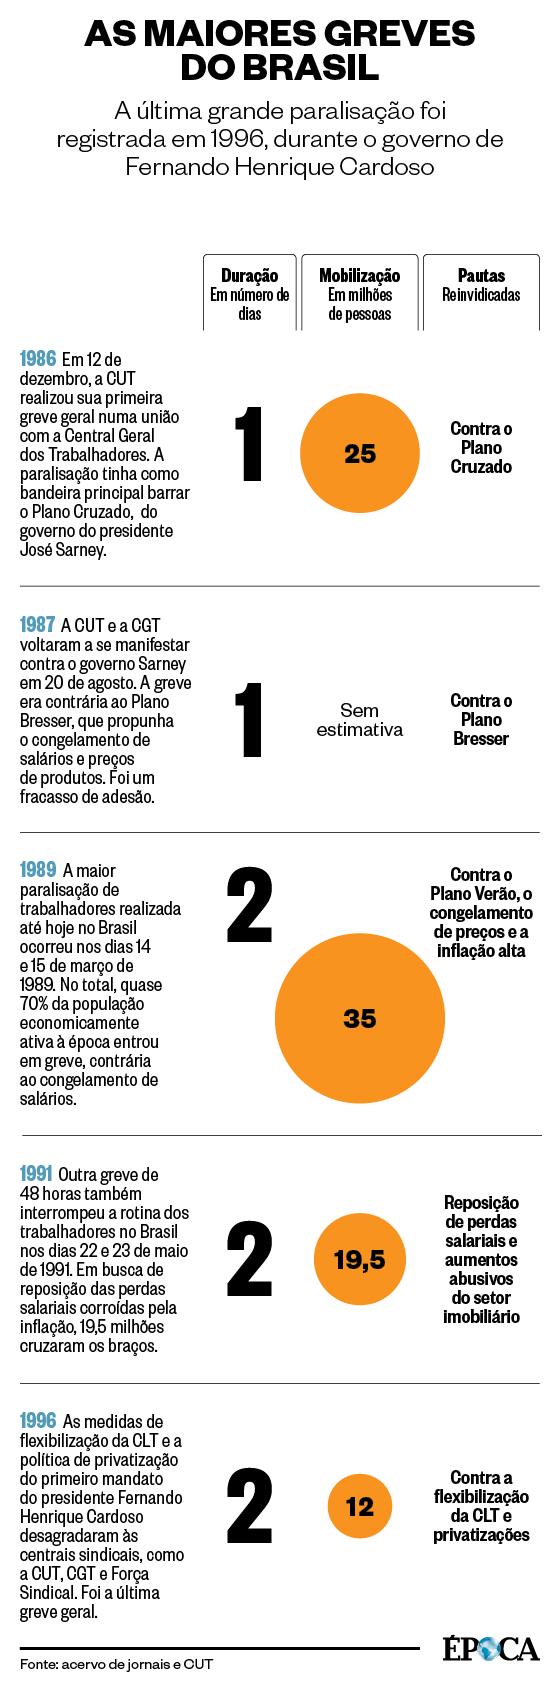 As maiores greves do Brasil (Foto: Fonte: acervo de jornais e CUT)